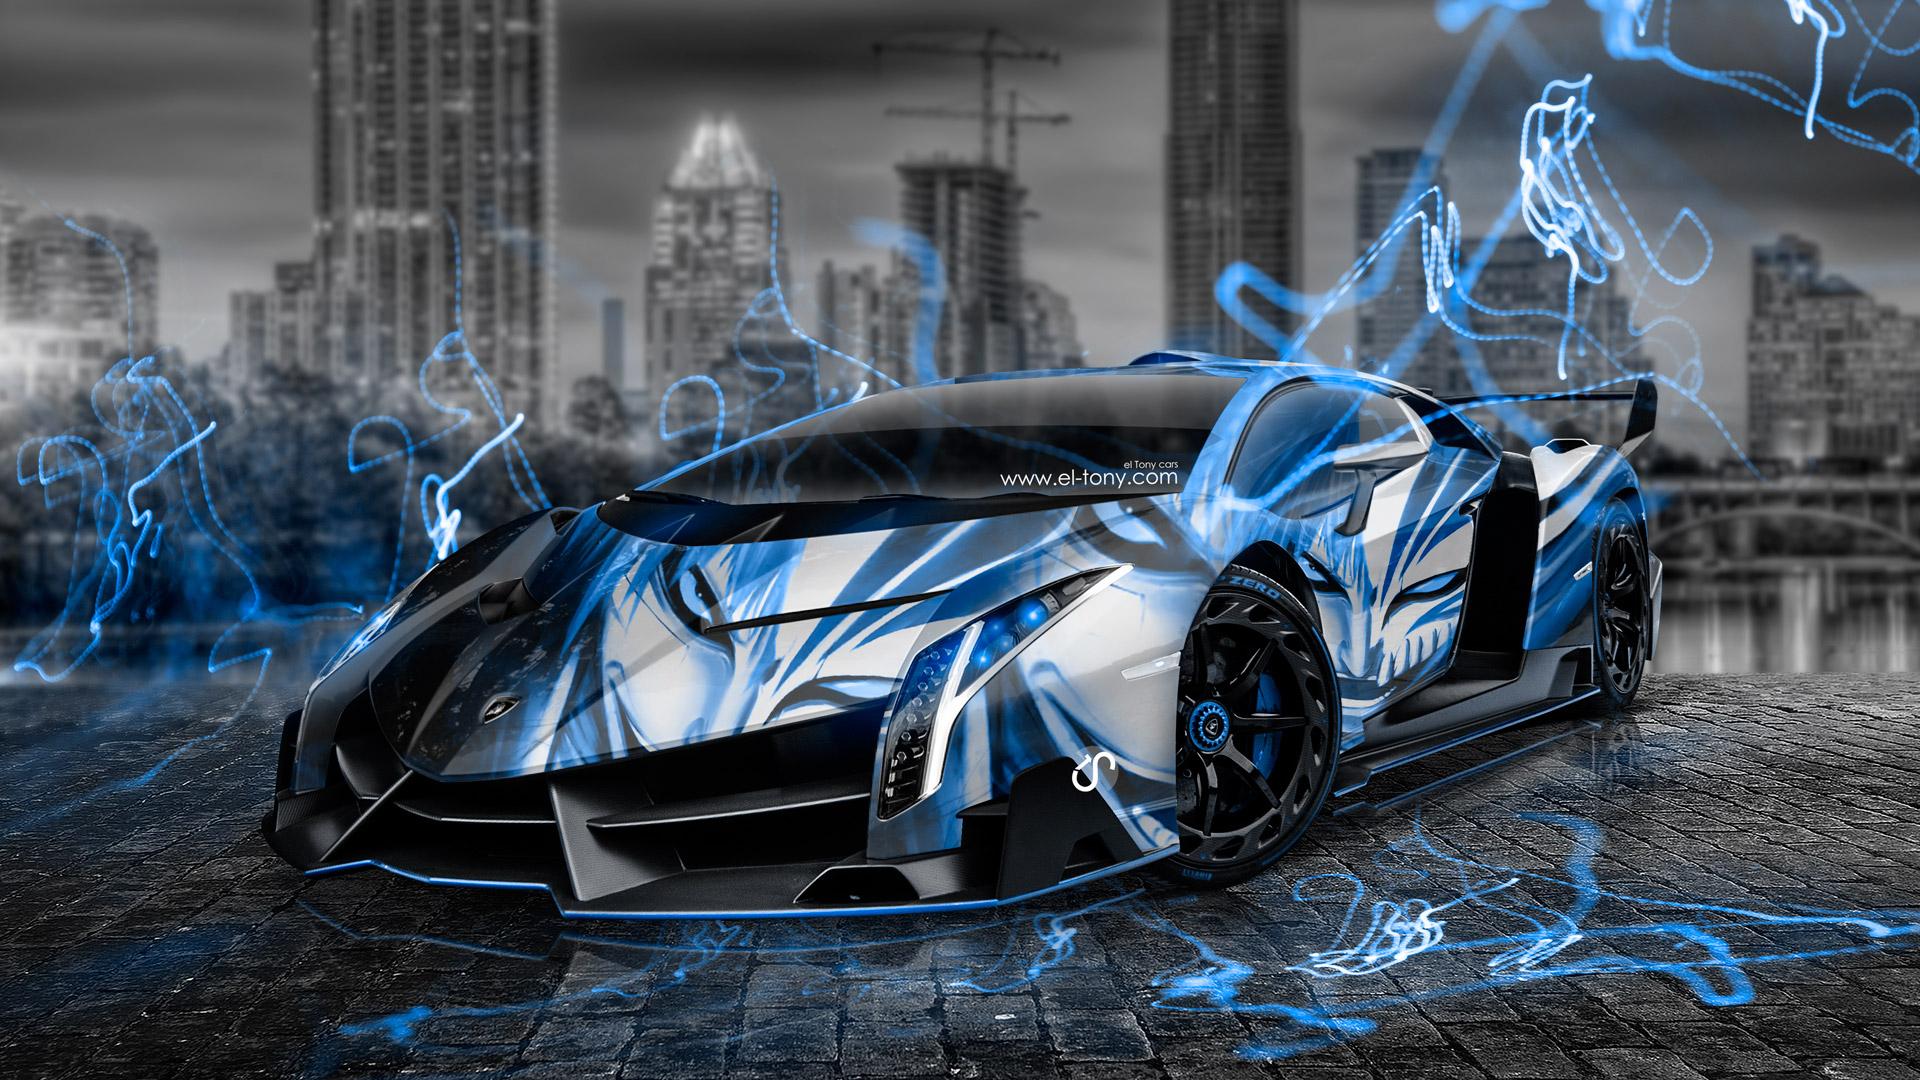 Lamborghinivenenowallpaper Car Wallpaper Page Freshuu